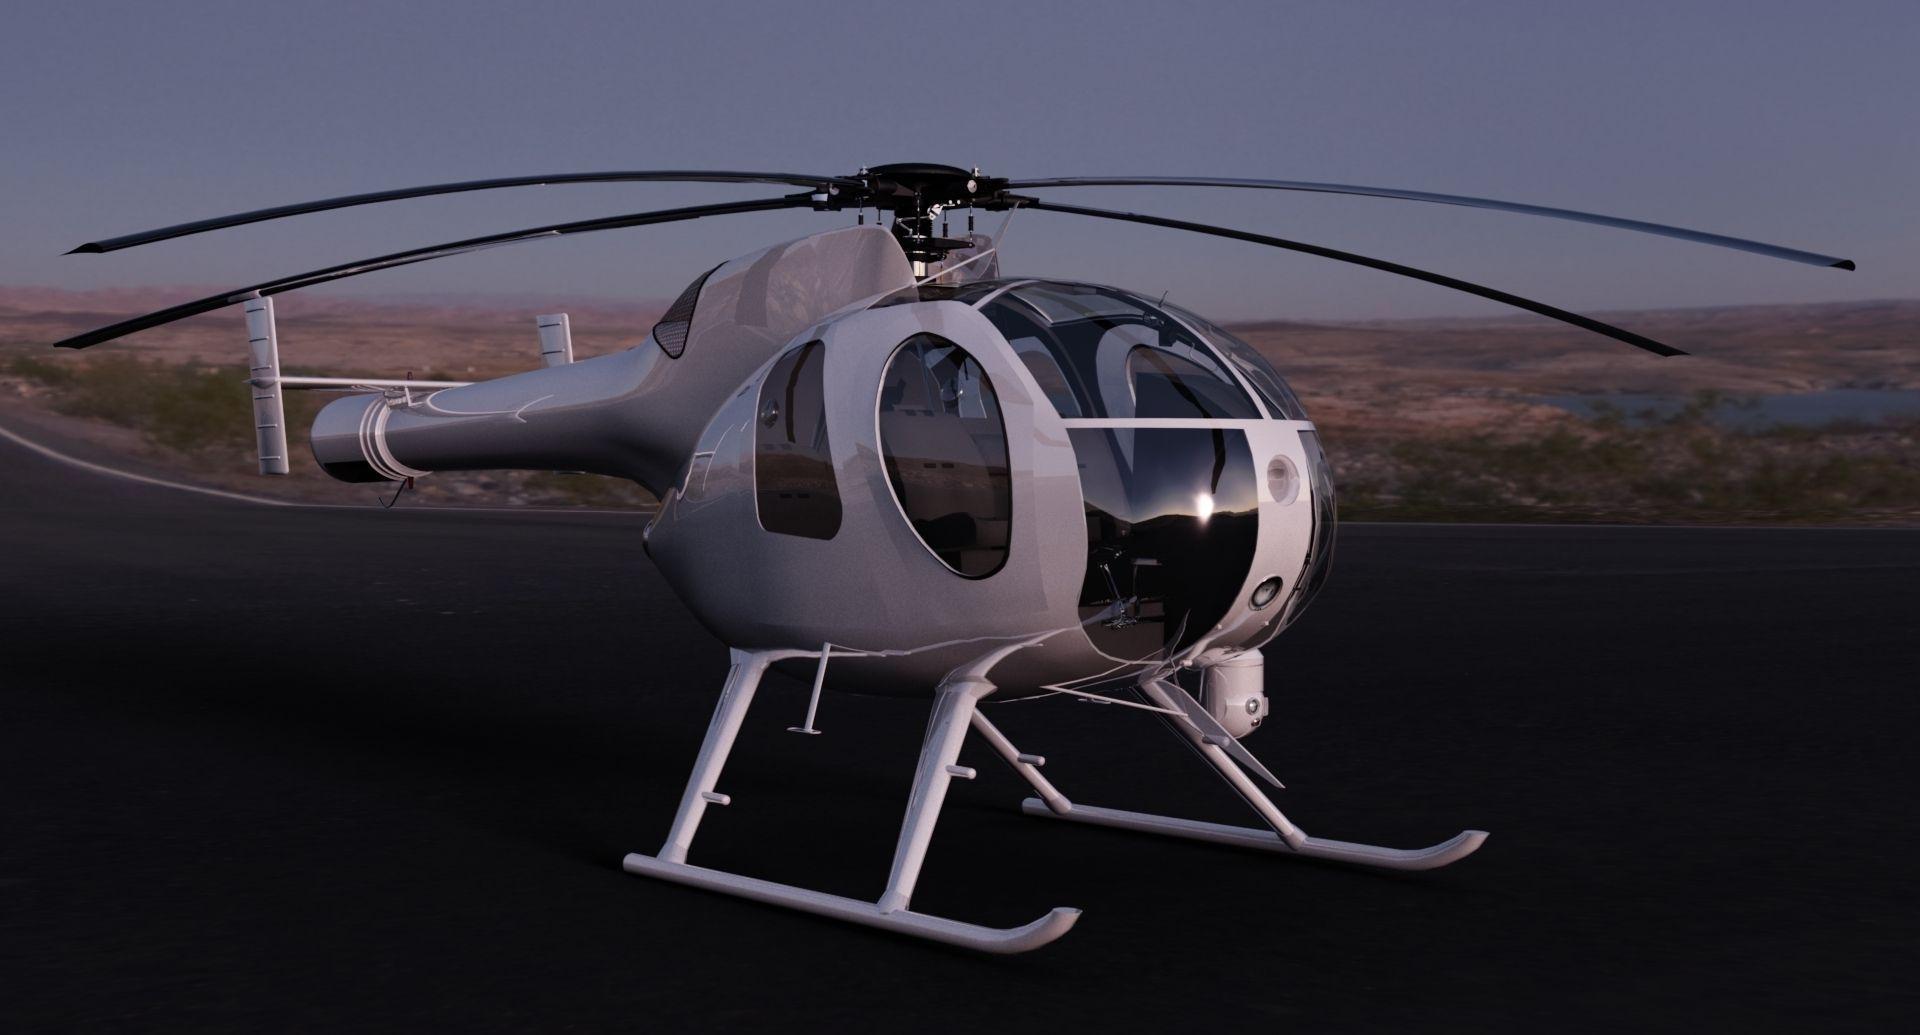 MD-500 Model 369D NOTAR Helicopter 3D Model .max .obj .3ds .fbx .c4d .skp - CGTrader.com